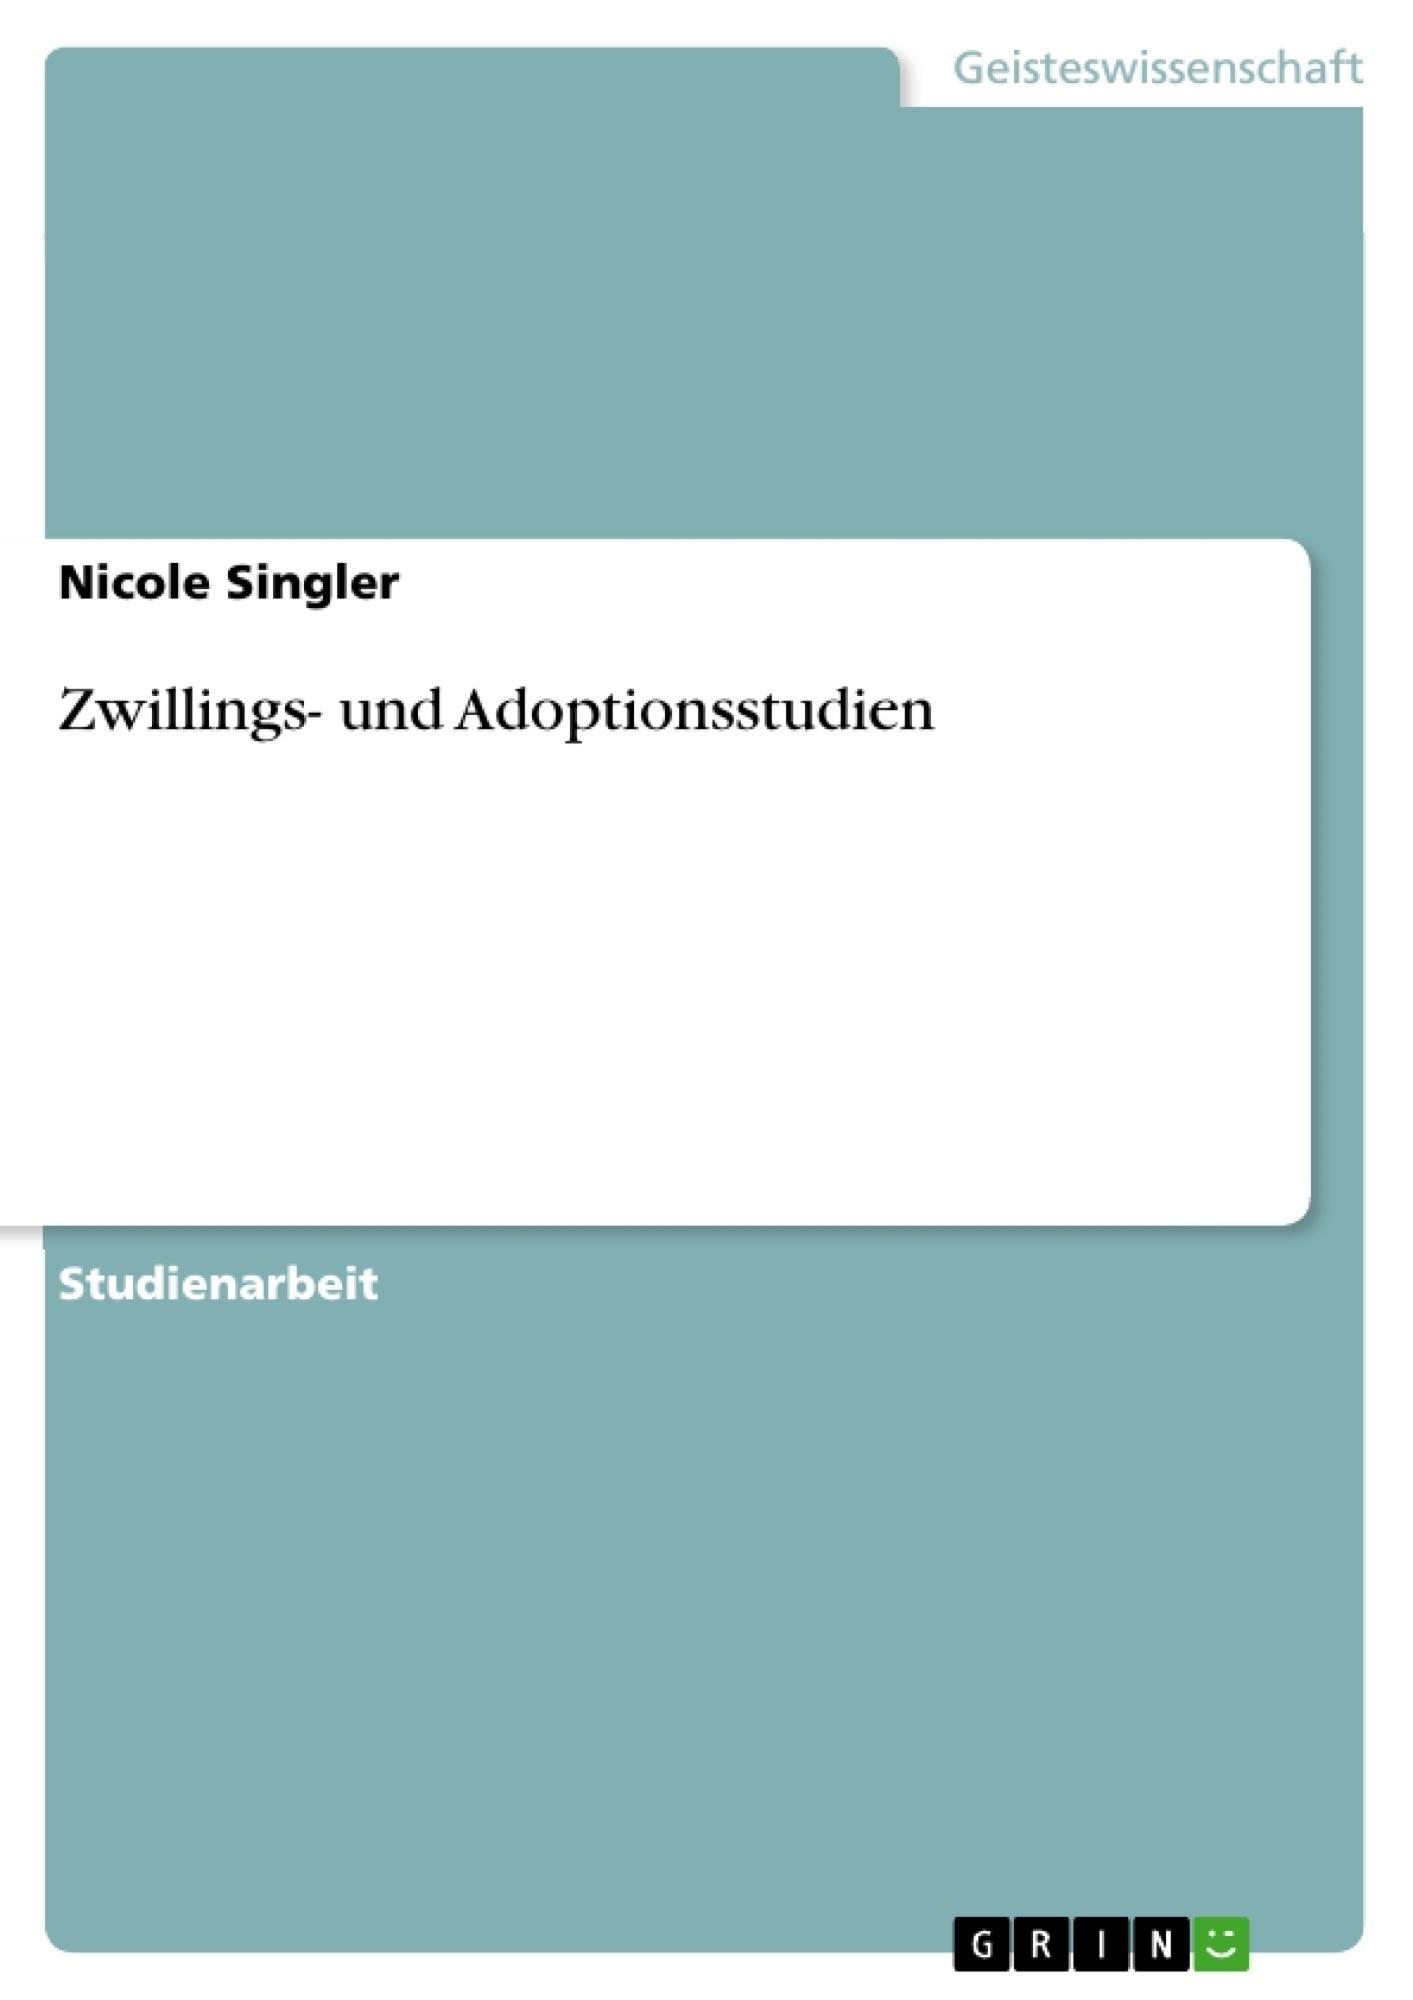 Titel: Zwillings- und Adoptionsstudien